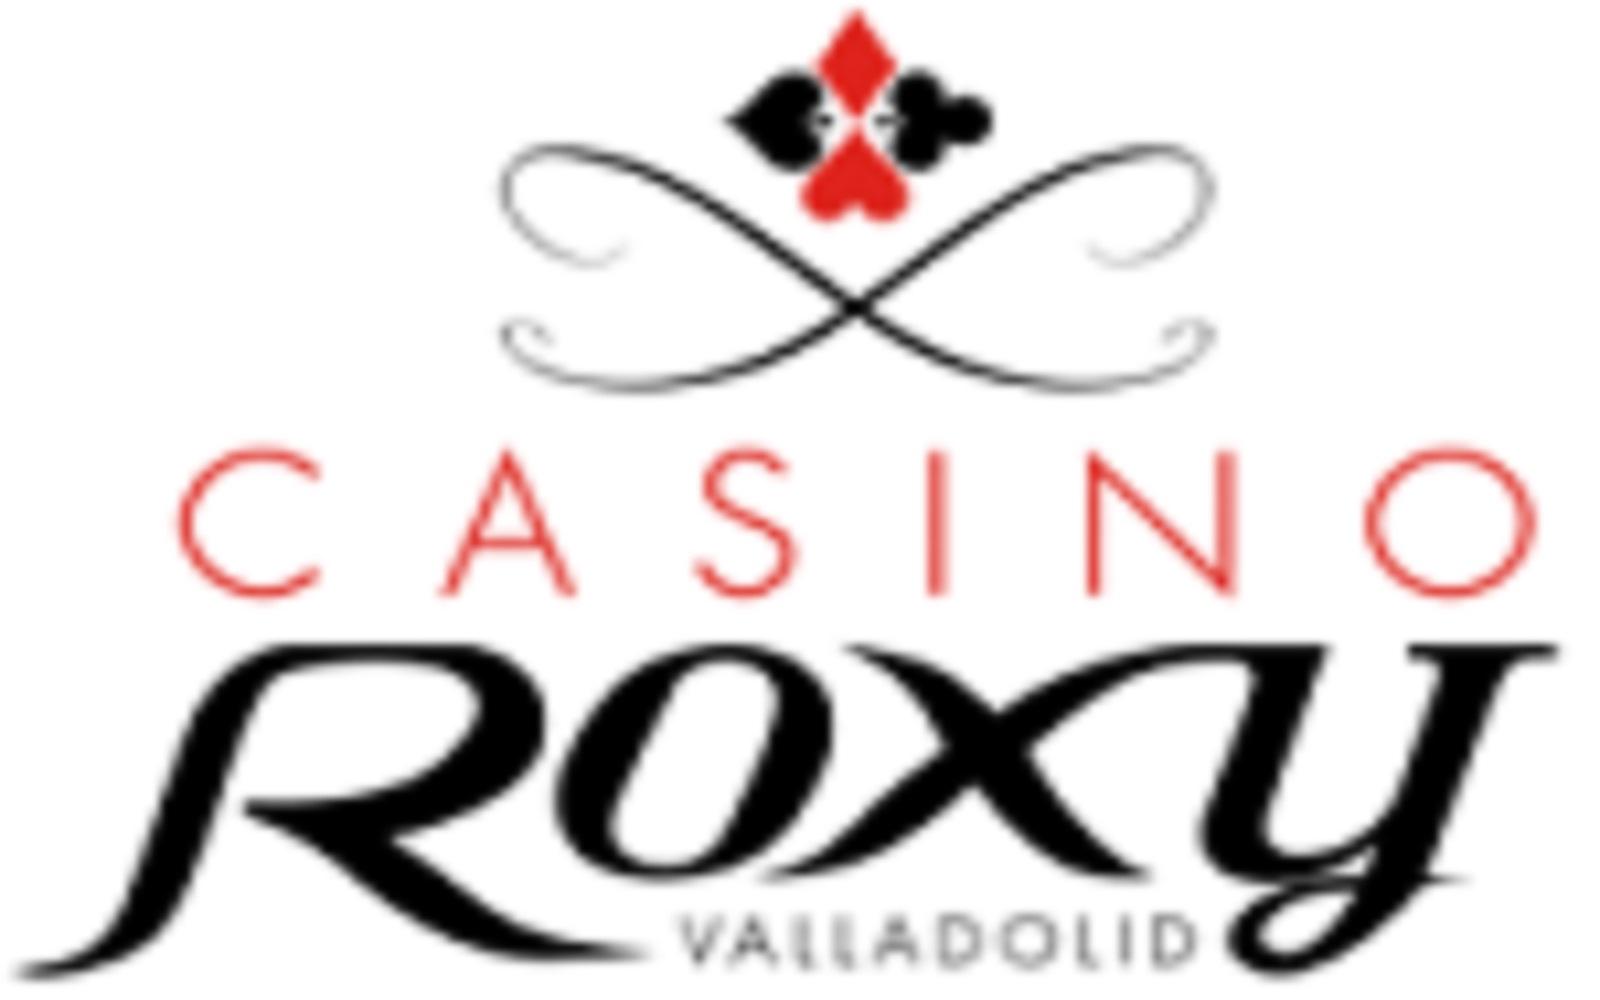 Roxy Valadolid